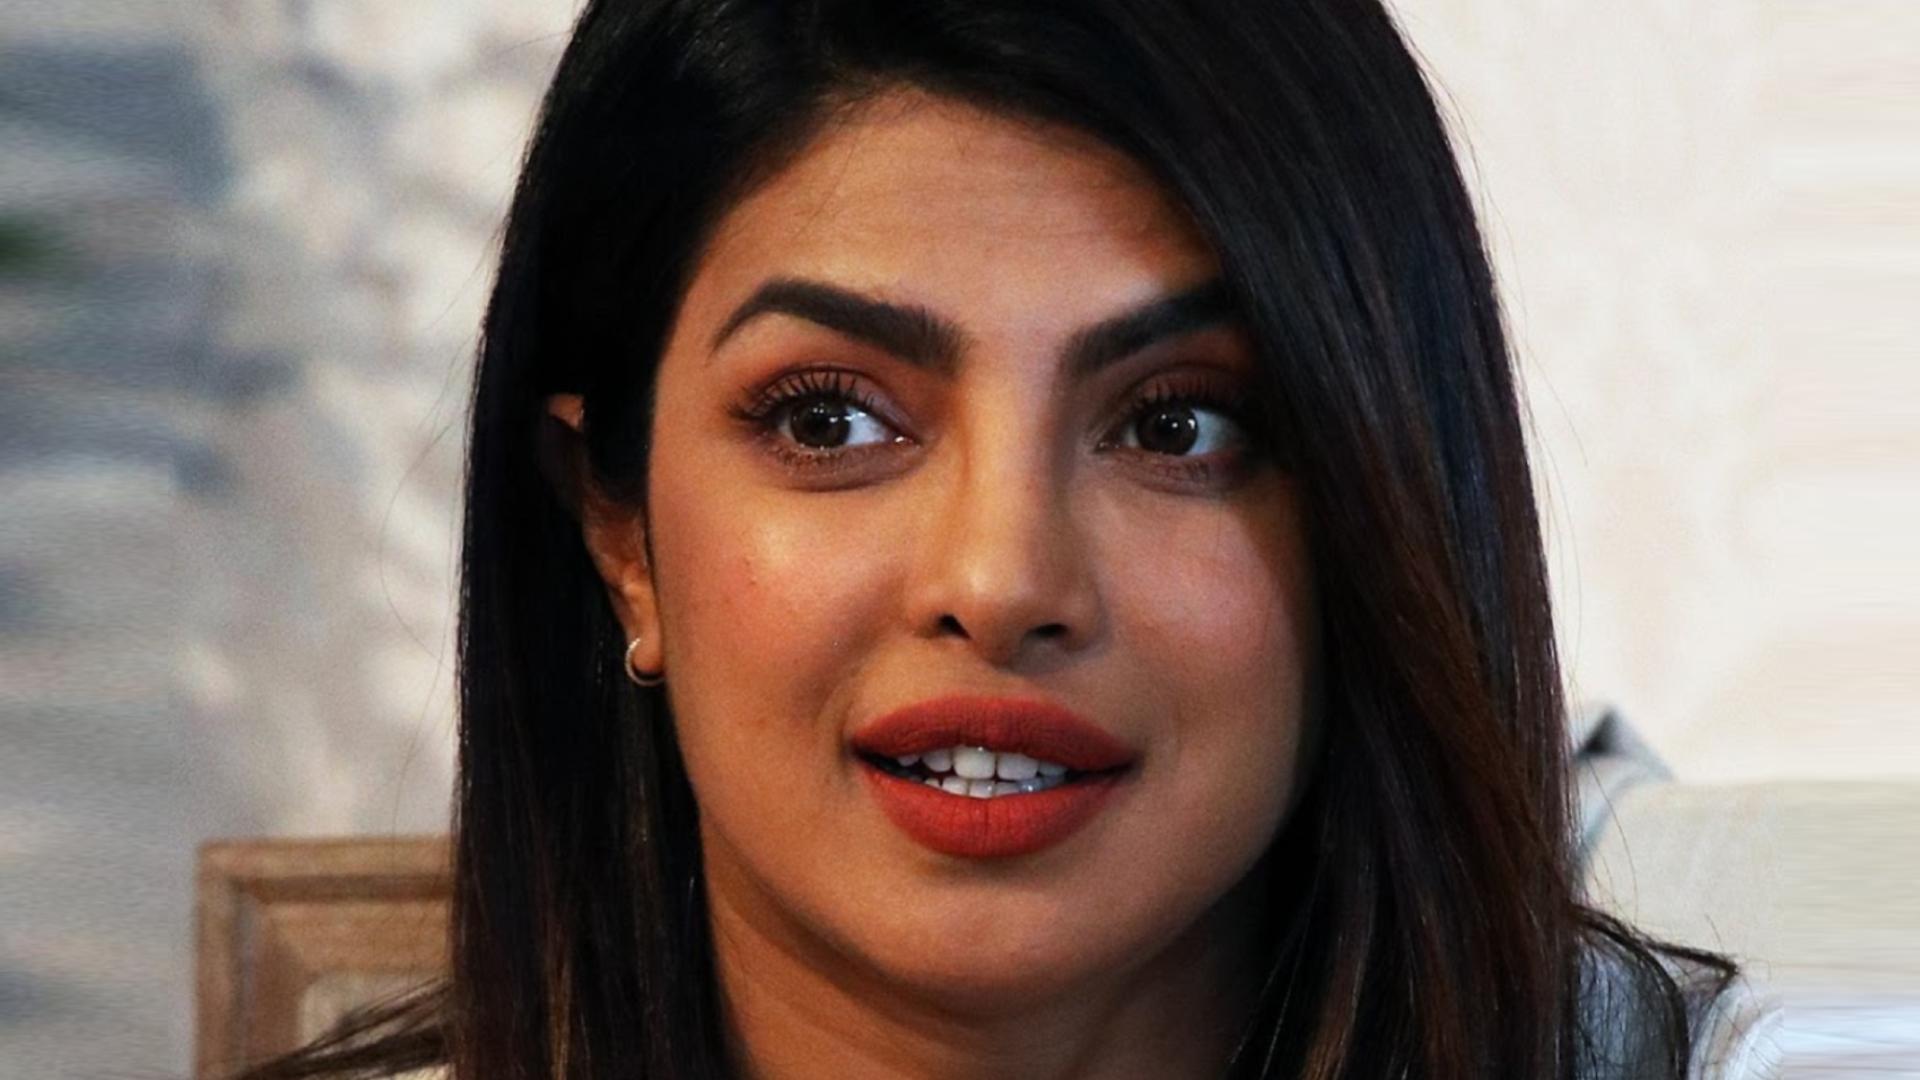 प्रियंका चोपड़ा पर फिर भड़की पाकिस्तानी महिला, कहा- यूनाइटेड नेशन के एंबेसडर को ये शोभा नहीं देता